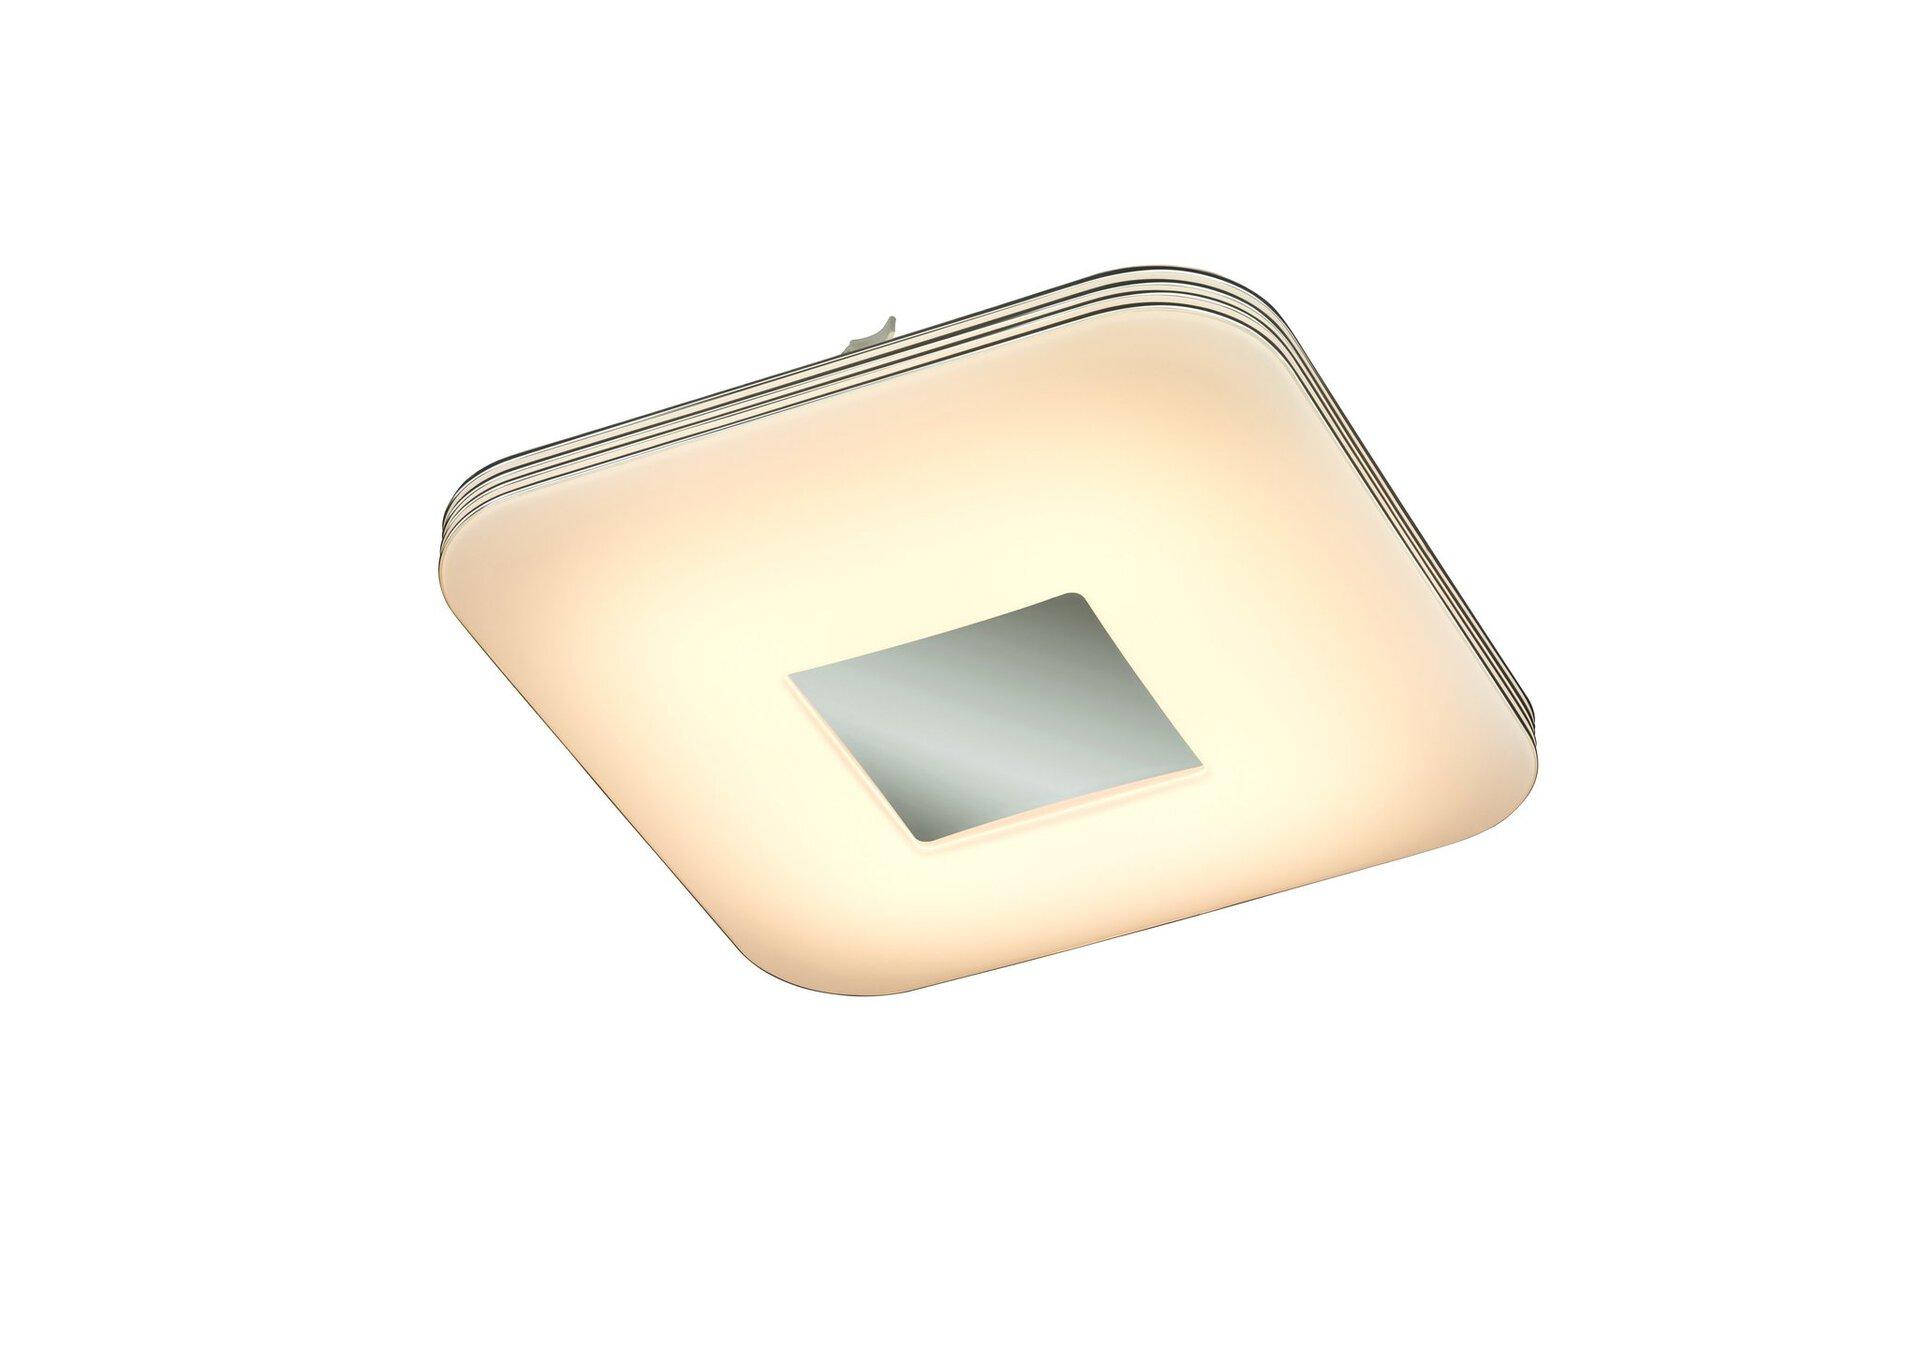 Deckenleuchte Venus Reality Leuchten Metall silber 33 x 8 x 33 cm